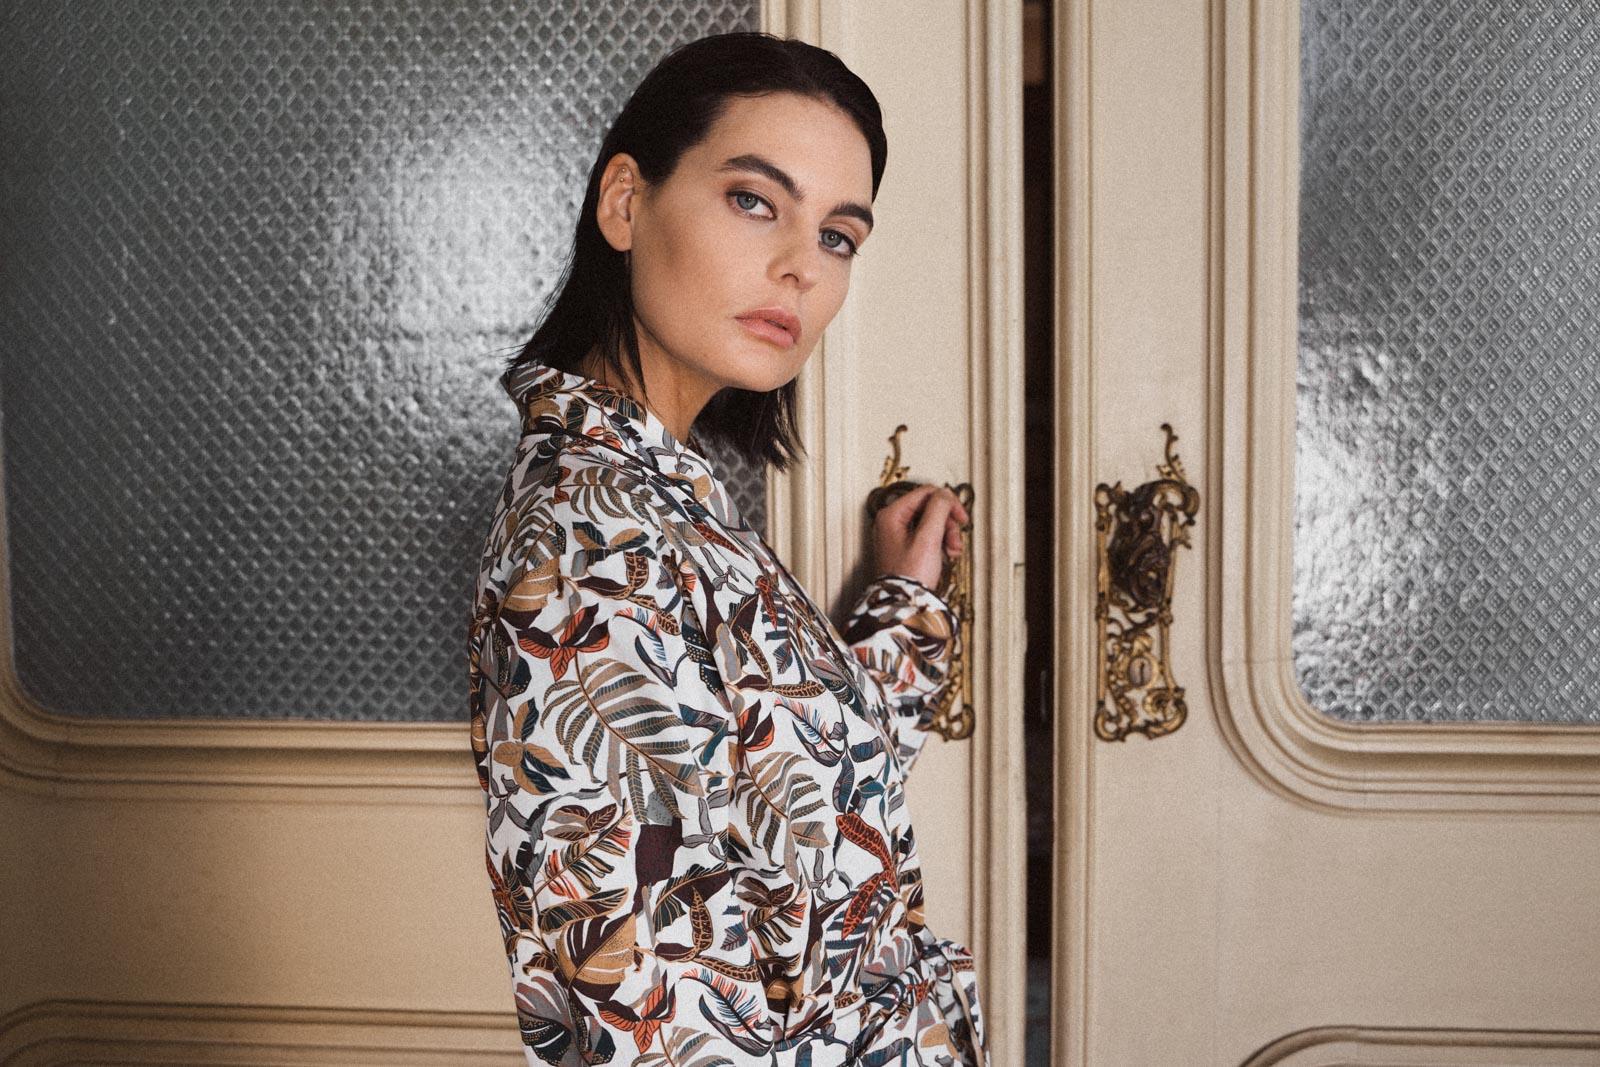 fotografo moda galicia